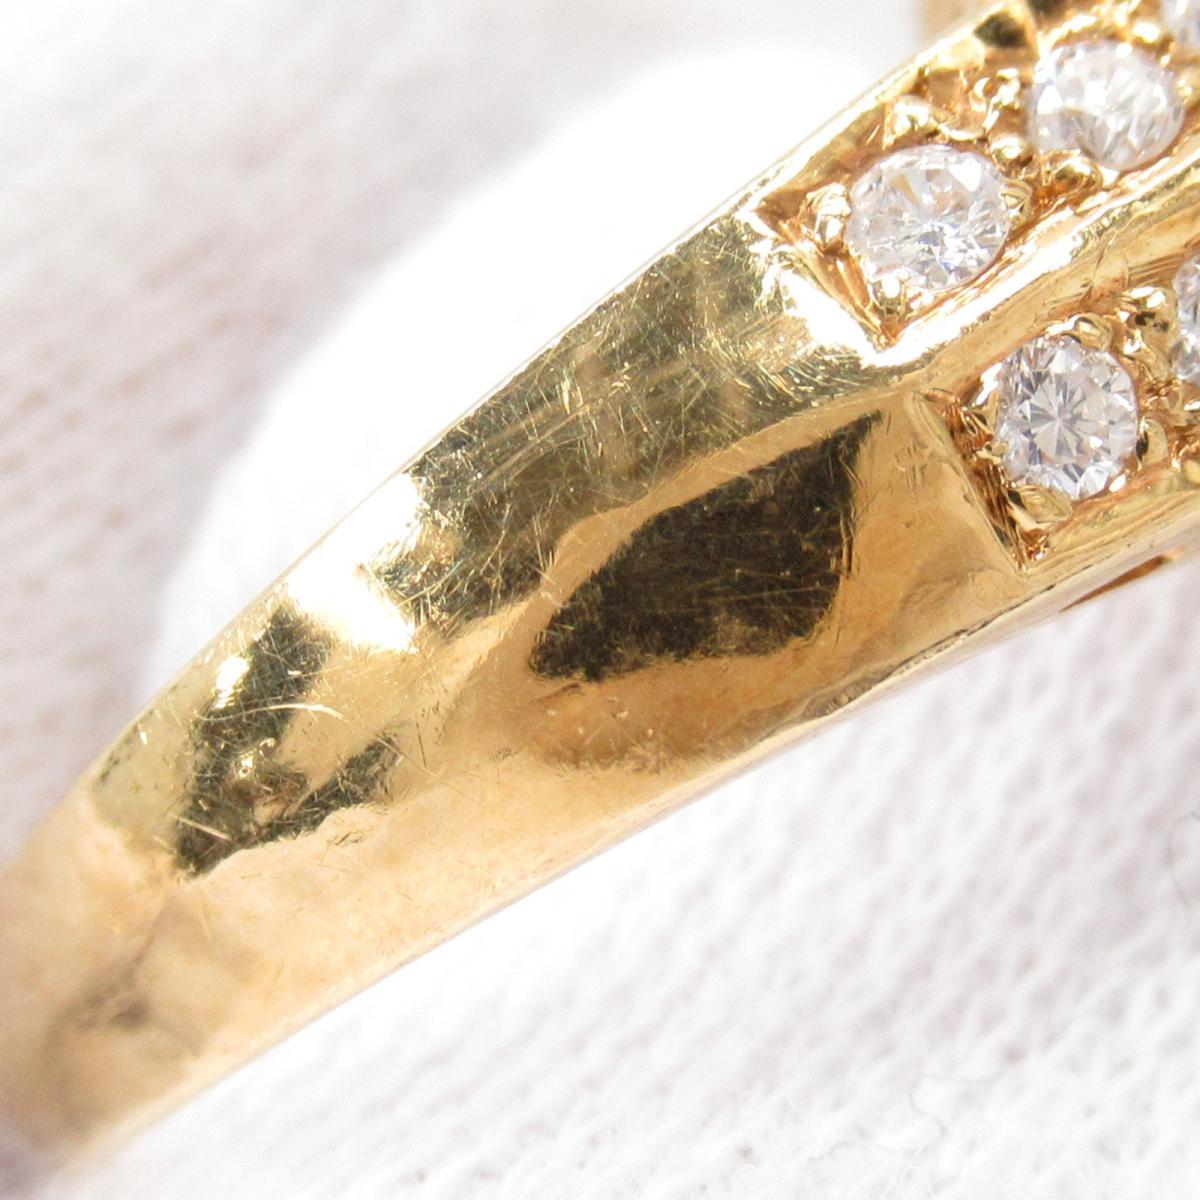 ジュエリー サファイア リング 指輪 ノーブランドジュエリー レディース K18YG750イエローゴールド x1 25ctダイヤモンド1 22ctJEWELRY BRANDOFF ブランドオフ アクセサリーPkXuZi